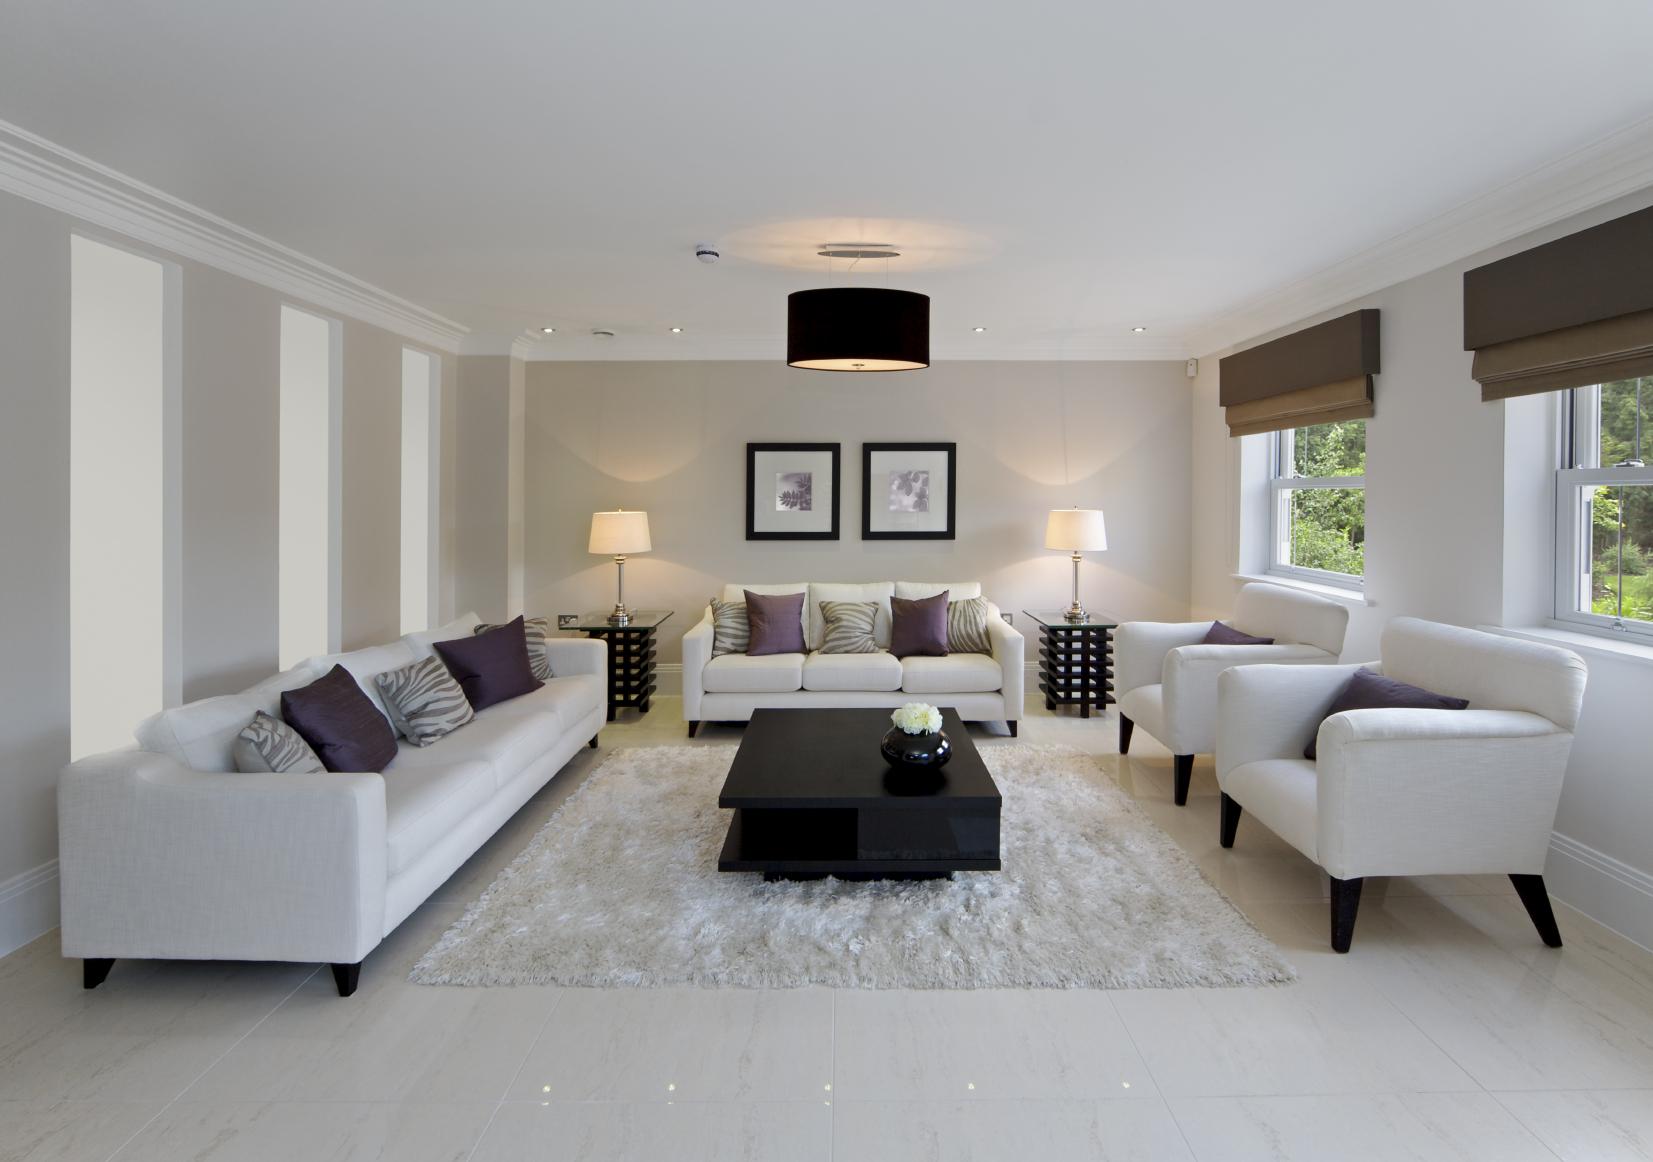 Белый диван в интерьере дома